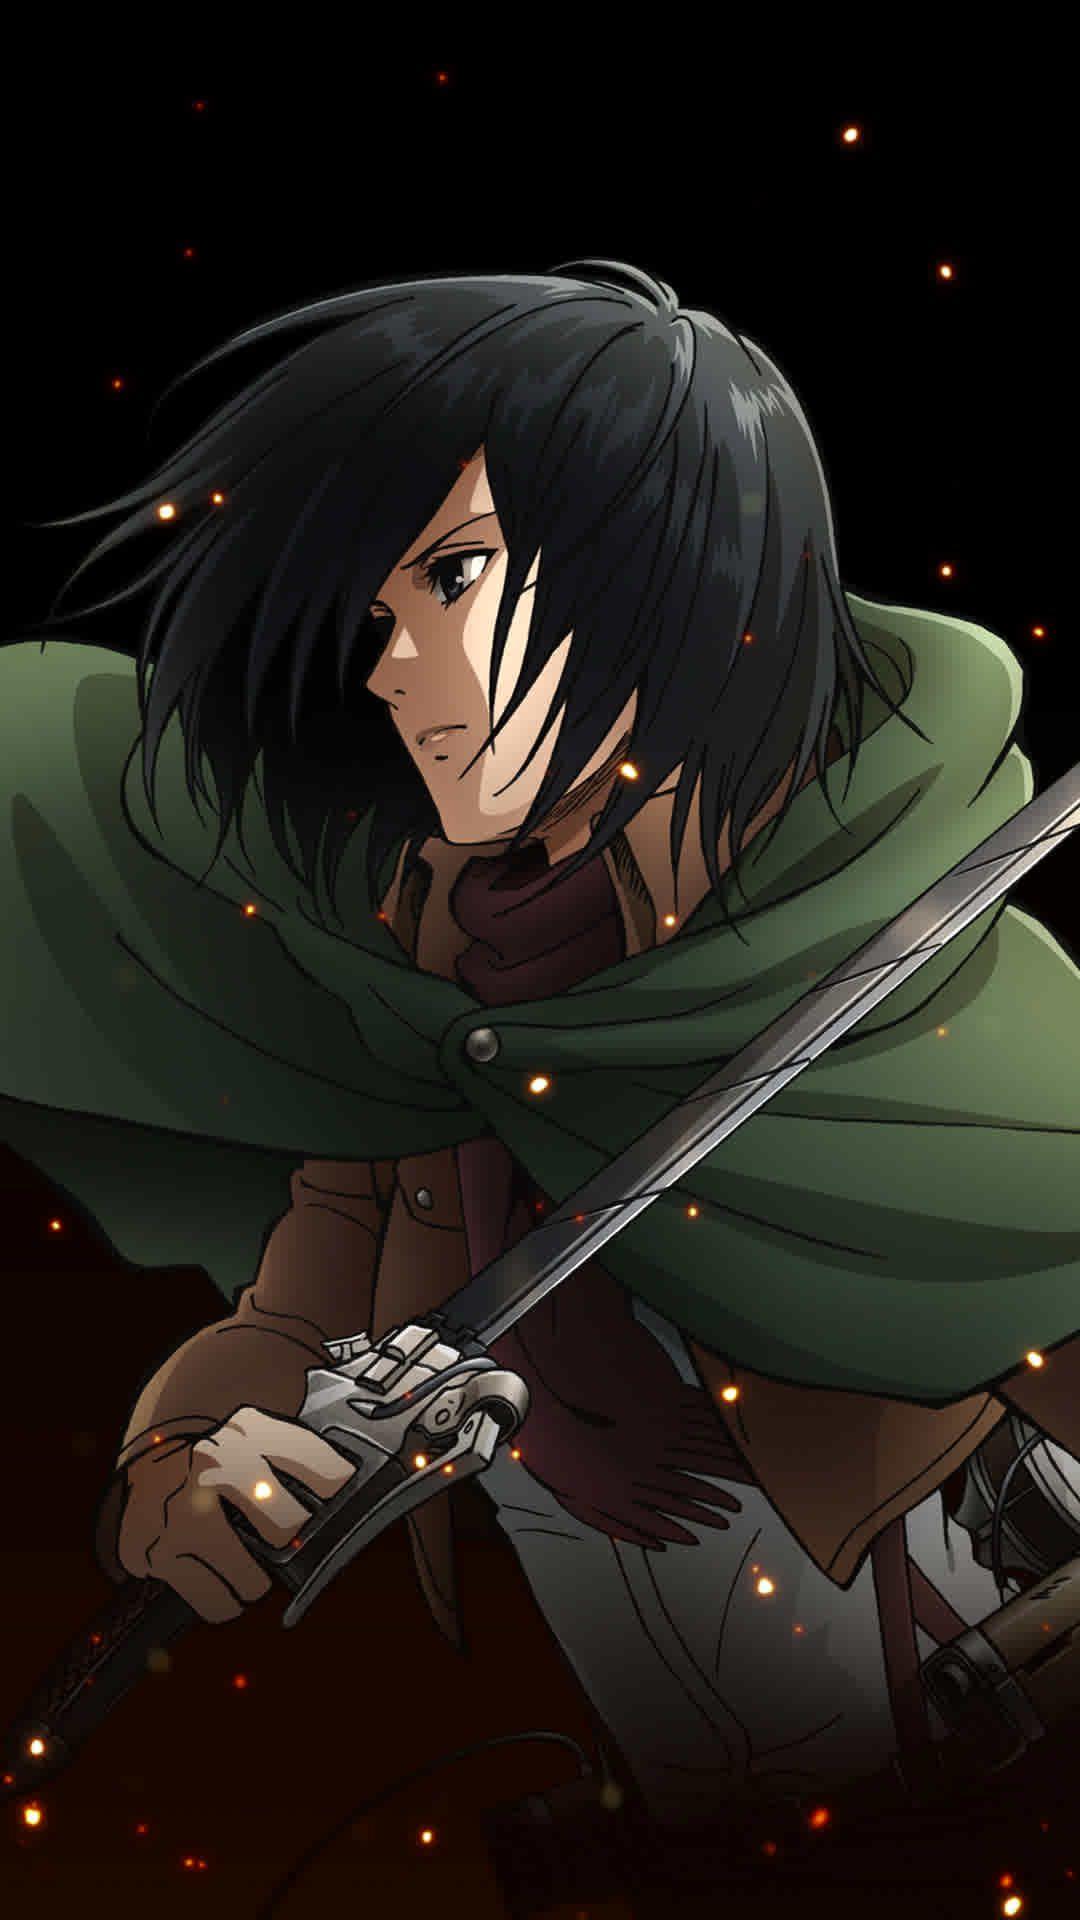 Mikasa Ackerman Mikasa Is Bomb And I Love Her Attack On Titan Anime Attack On Titan Attack On Titan Season